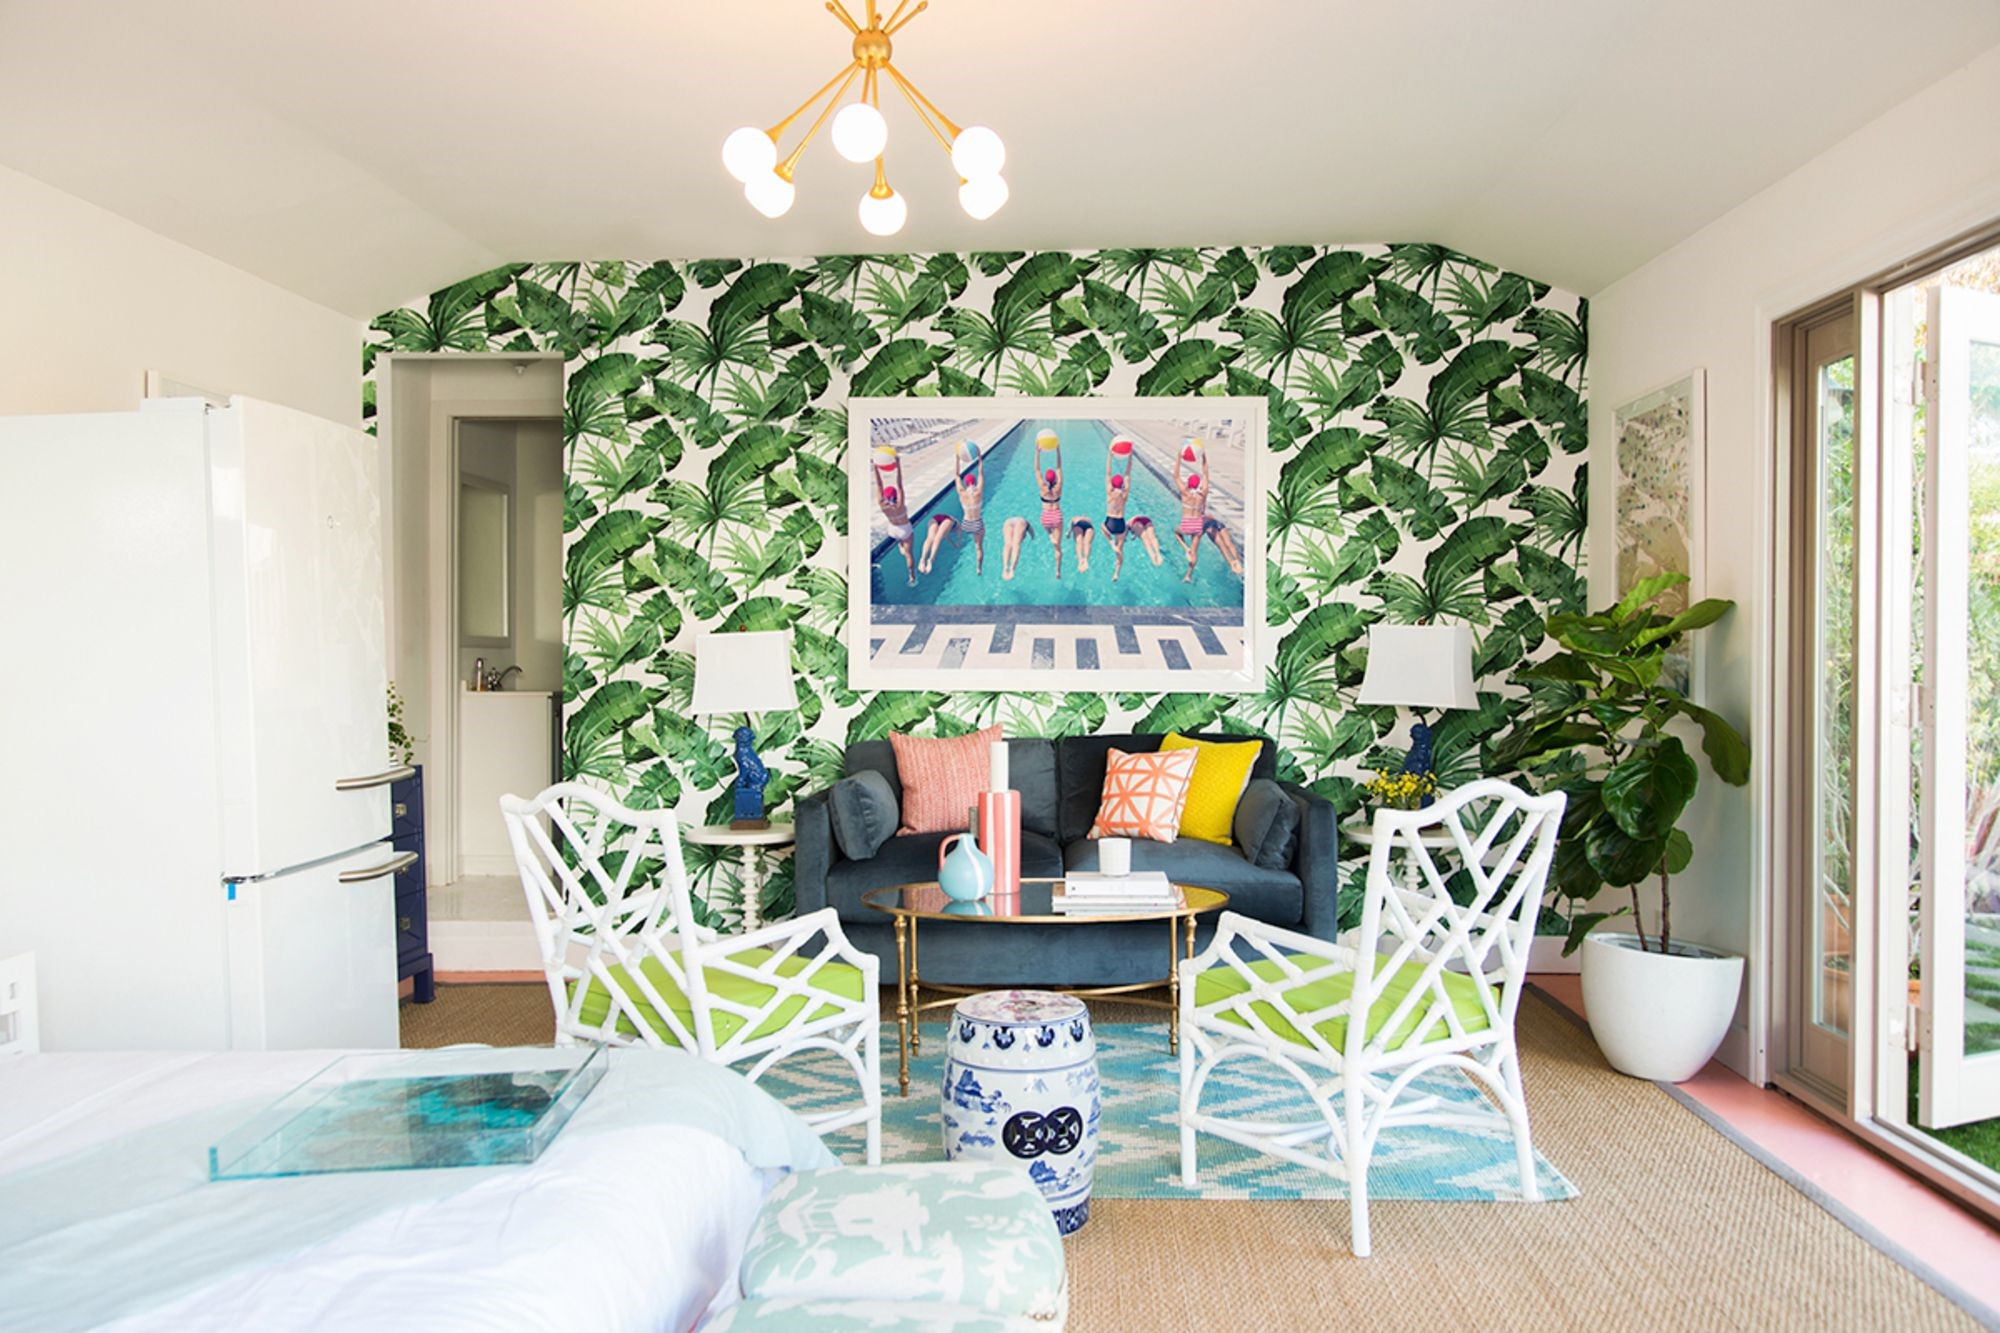 Pour vous assurer que votre intérieur se sent toujours décoré avec soin, vous devez trouver un lien entre les éléments pour équilibrer la pièce.